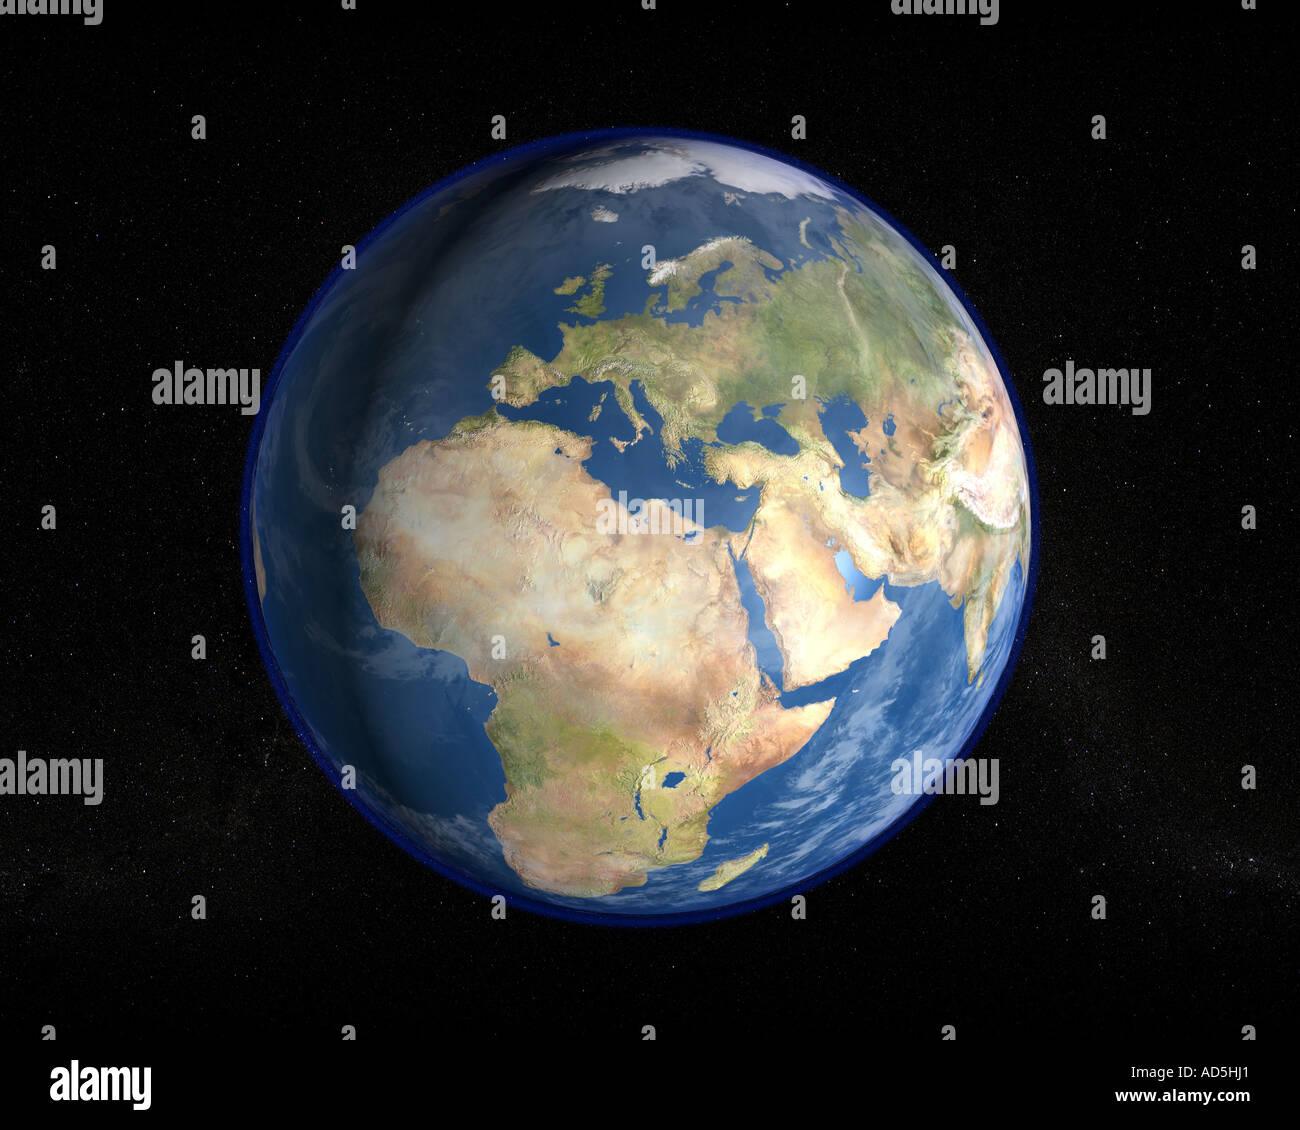 El planeta Tierra como se ve desde el espacio en una imagen renderizada fotorrealistas en alta resolución Imagen De Stock